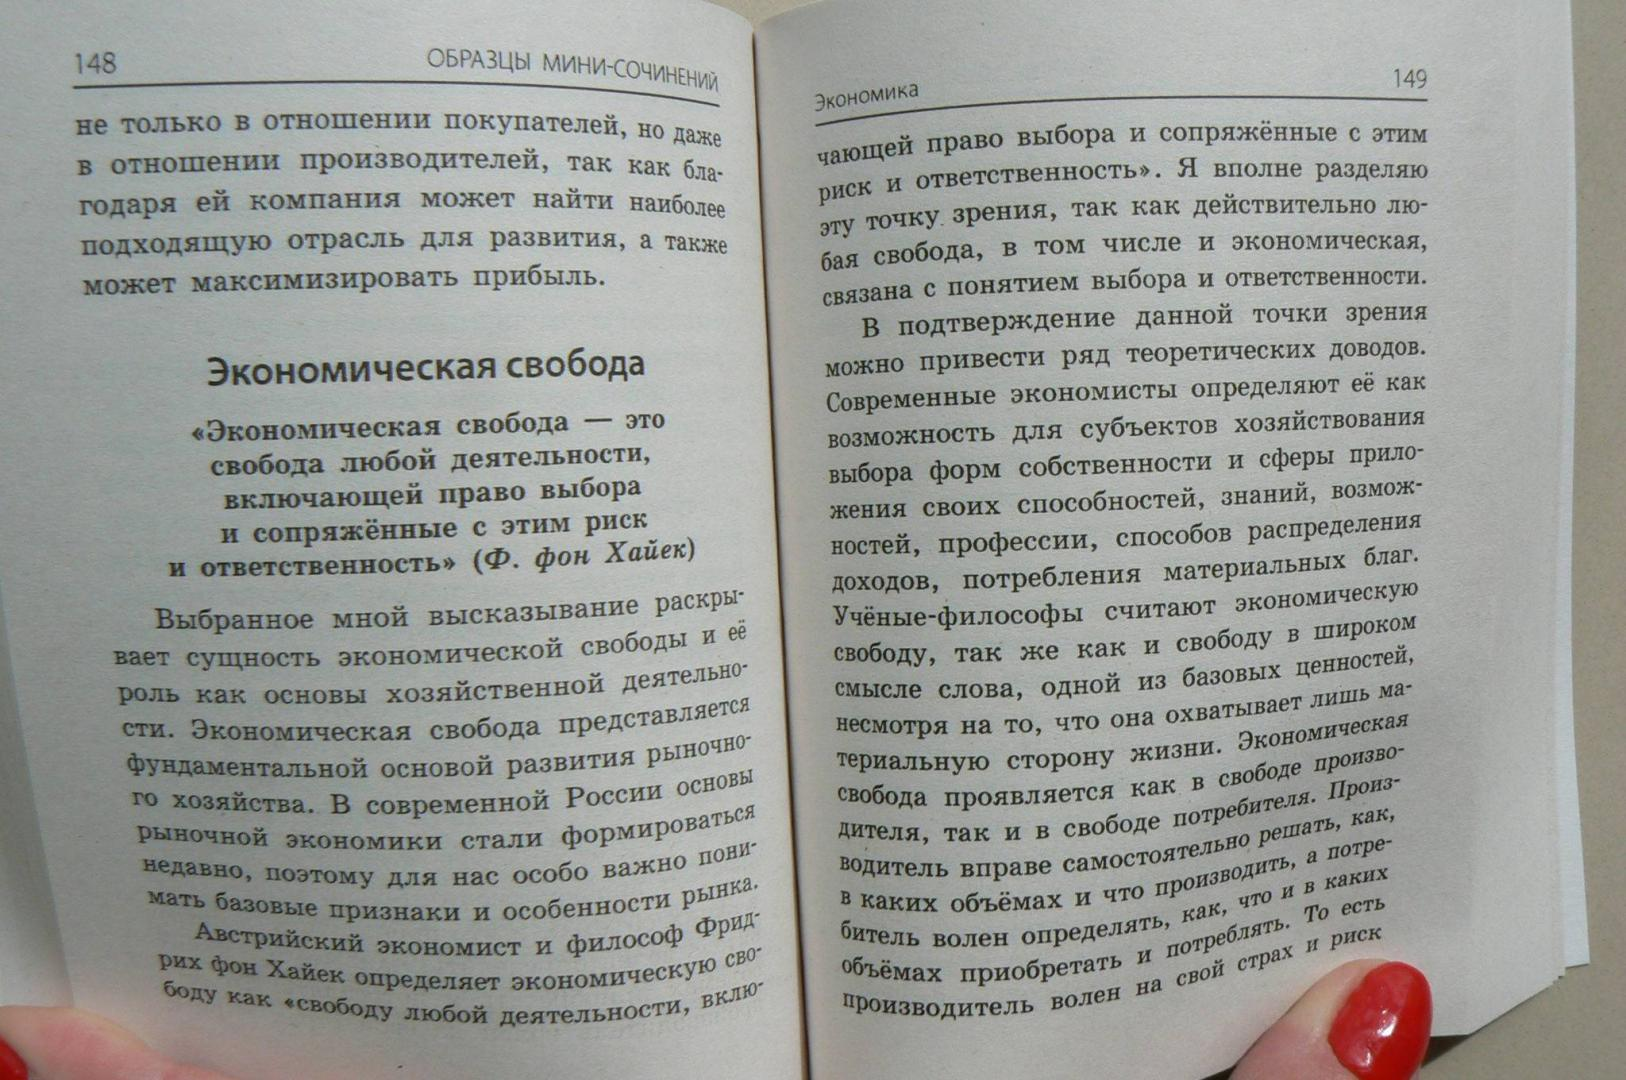 Иллюстрация 19 из 20 для Обществознание. Мини-сочинение на ЕГЭ - Ольга Кишенкова   Лабиринт - книги. Источник: Лидия